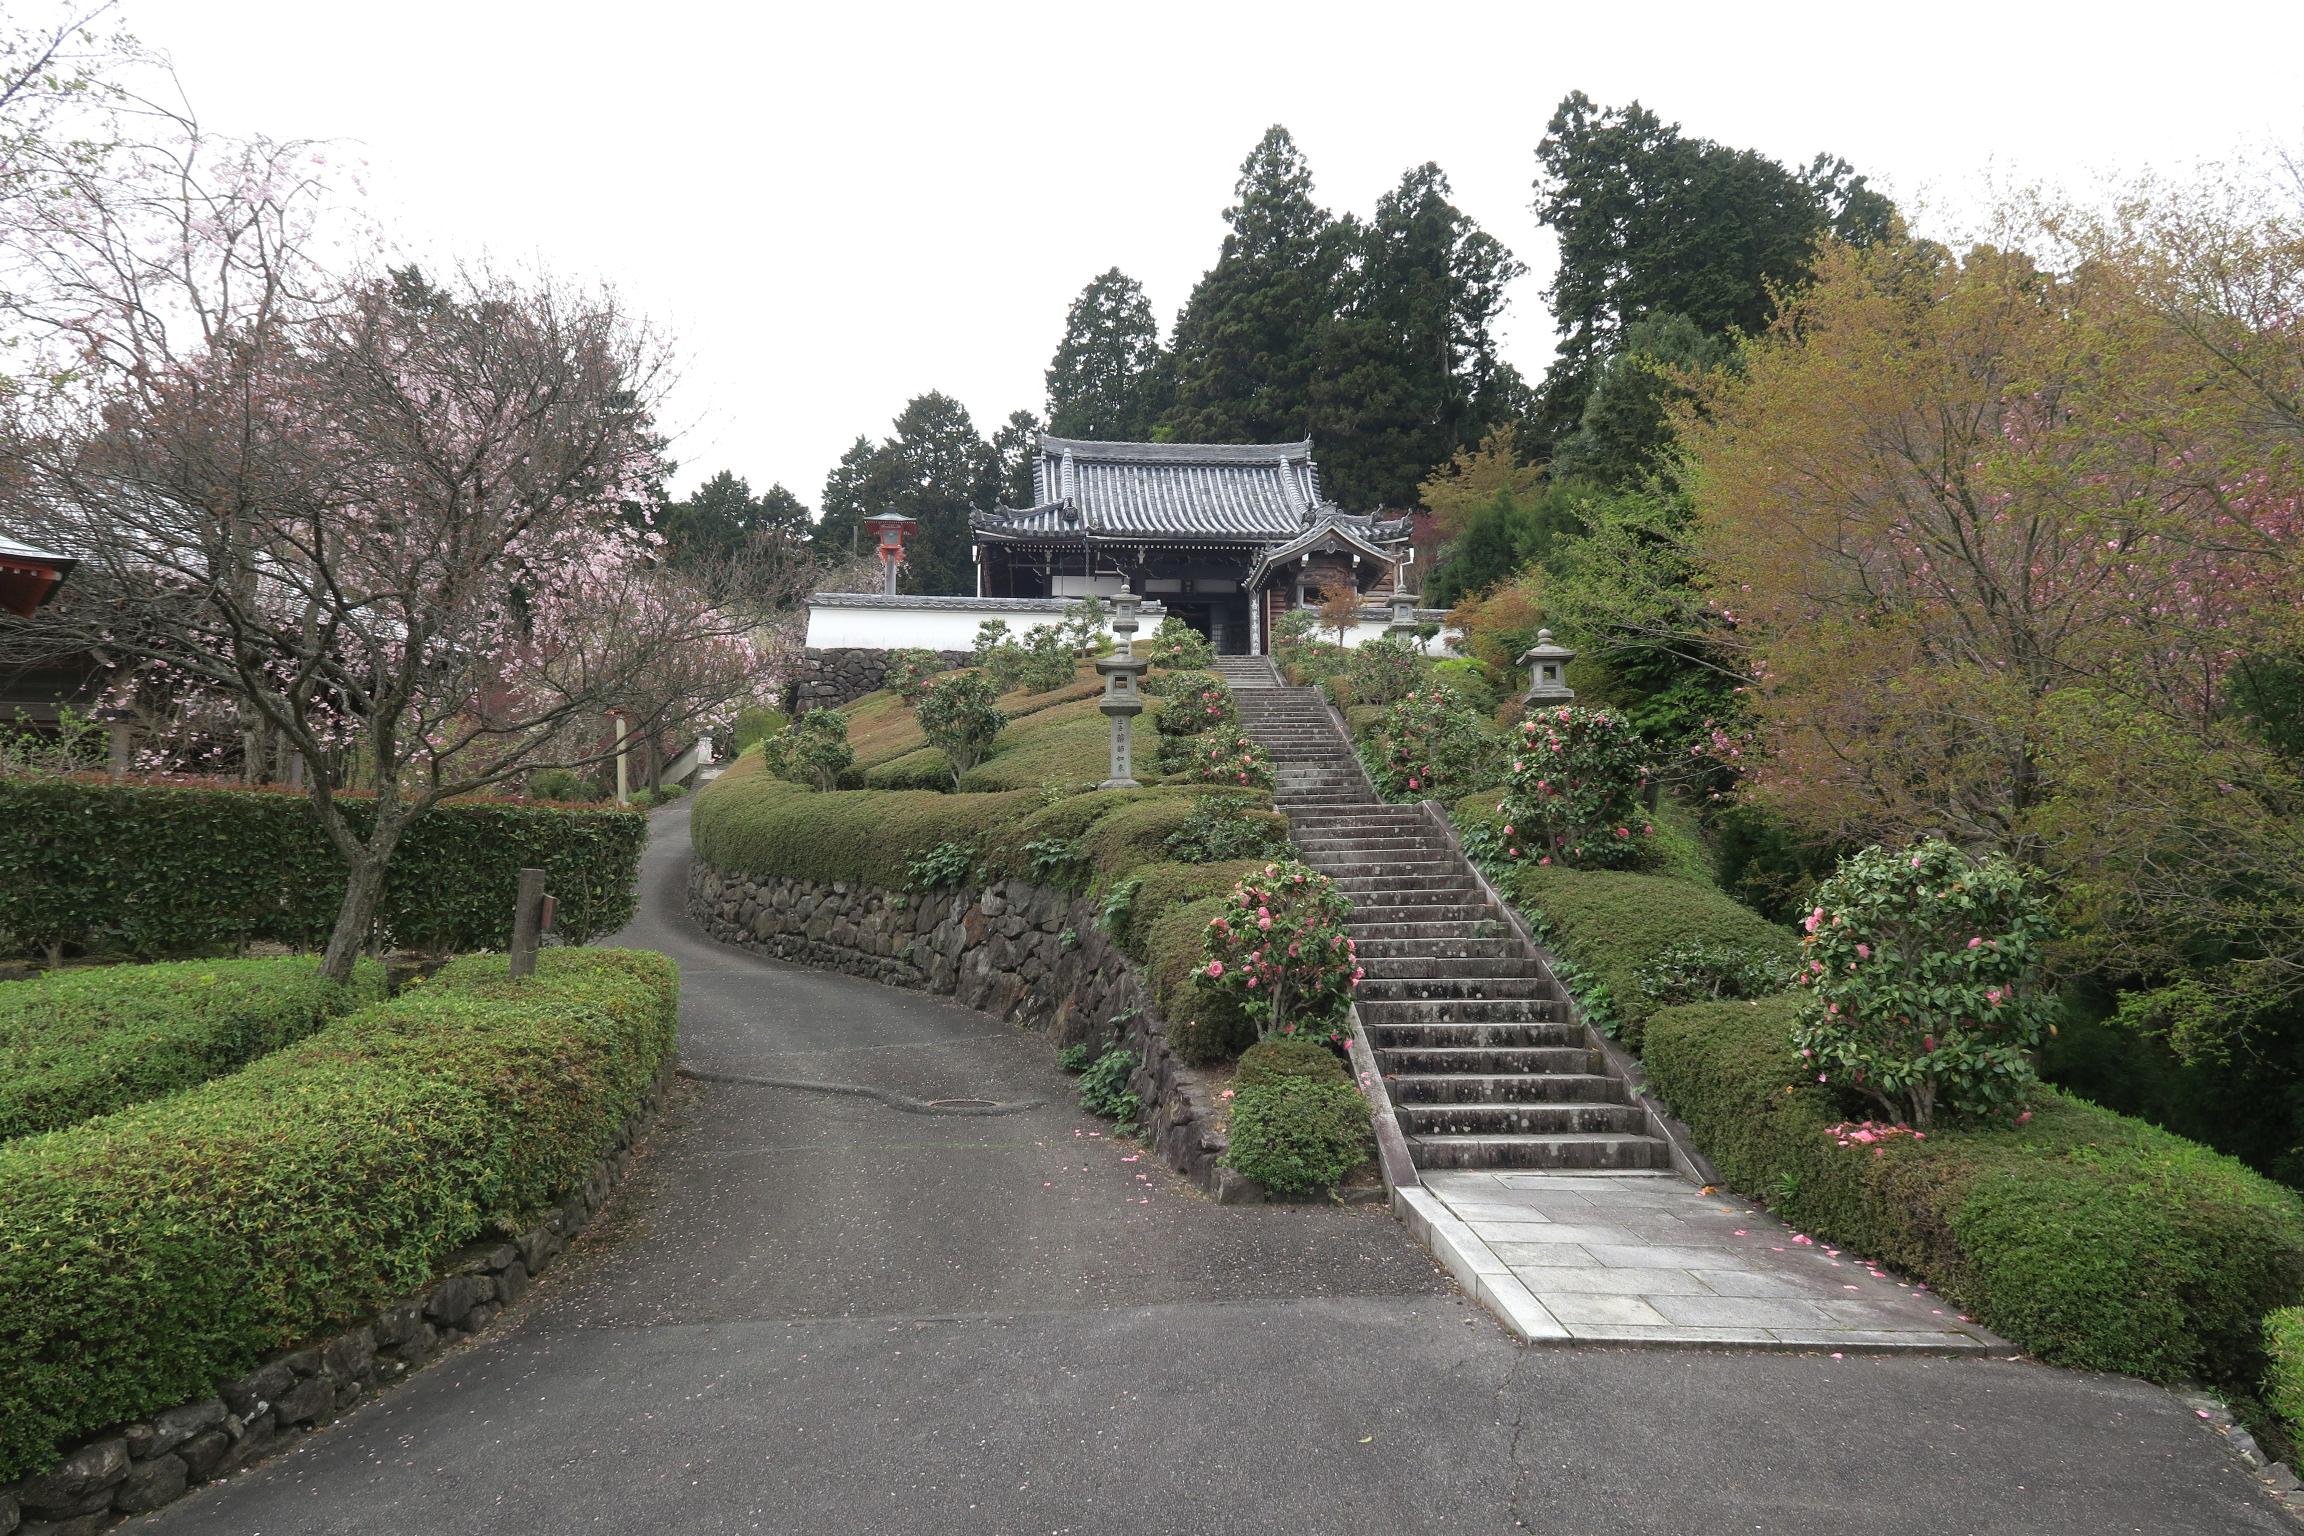 薬師堂。階段上からは善峯寺一の景色が楽しめます!